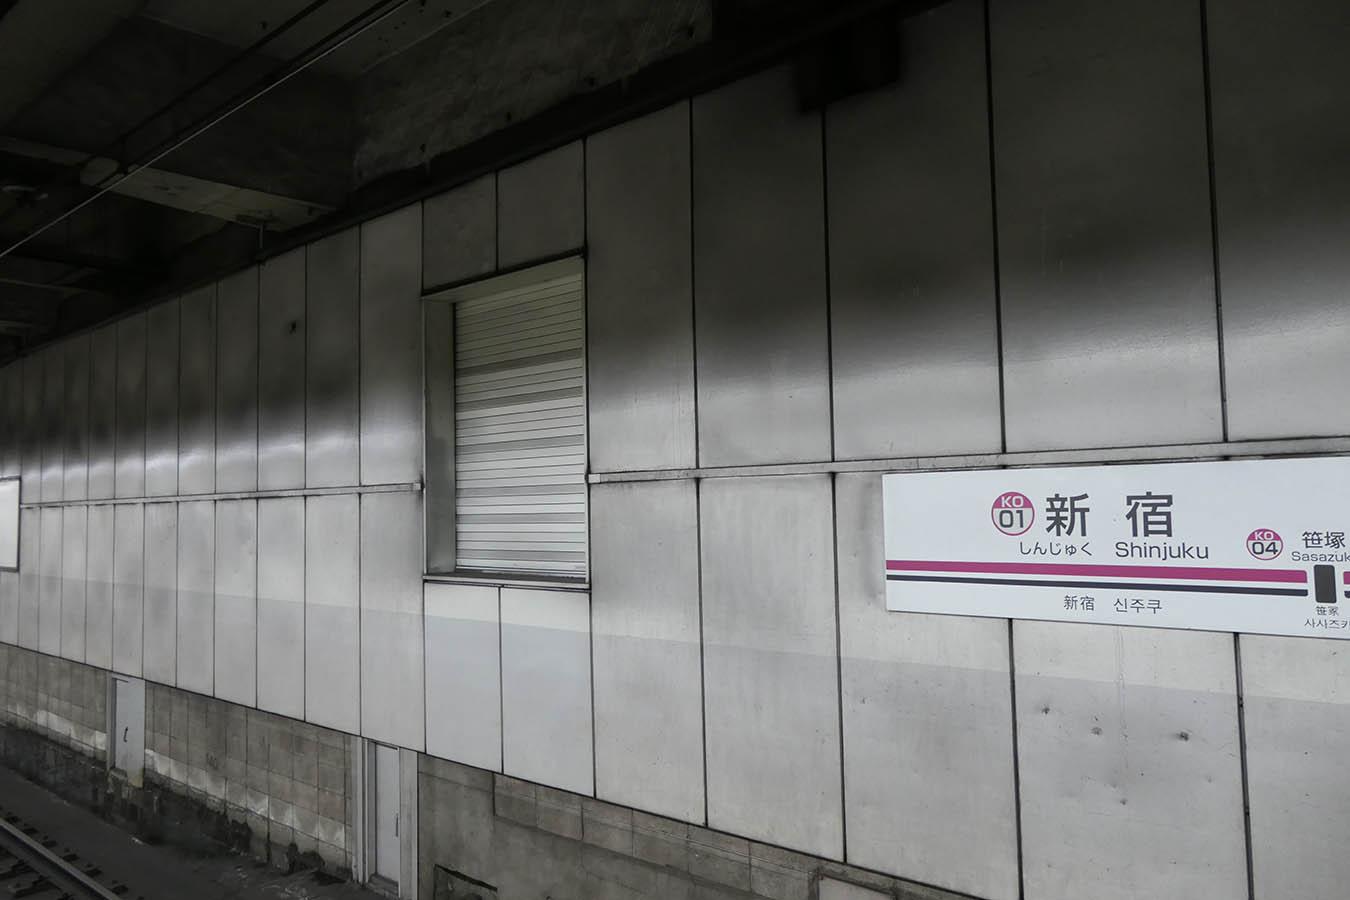 KO01_photo02.jpg